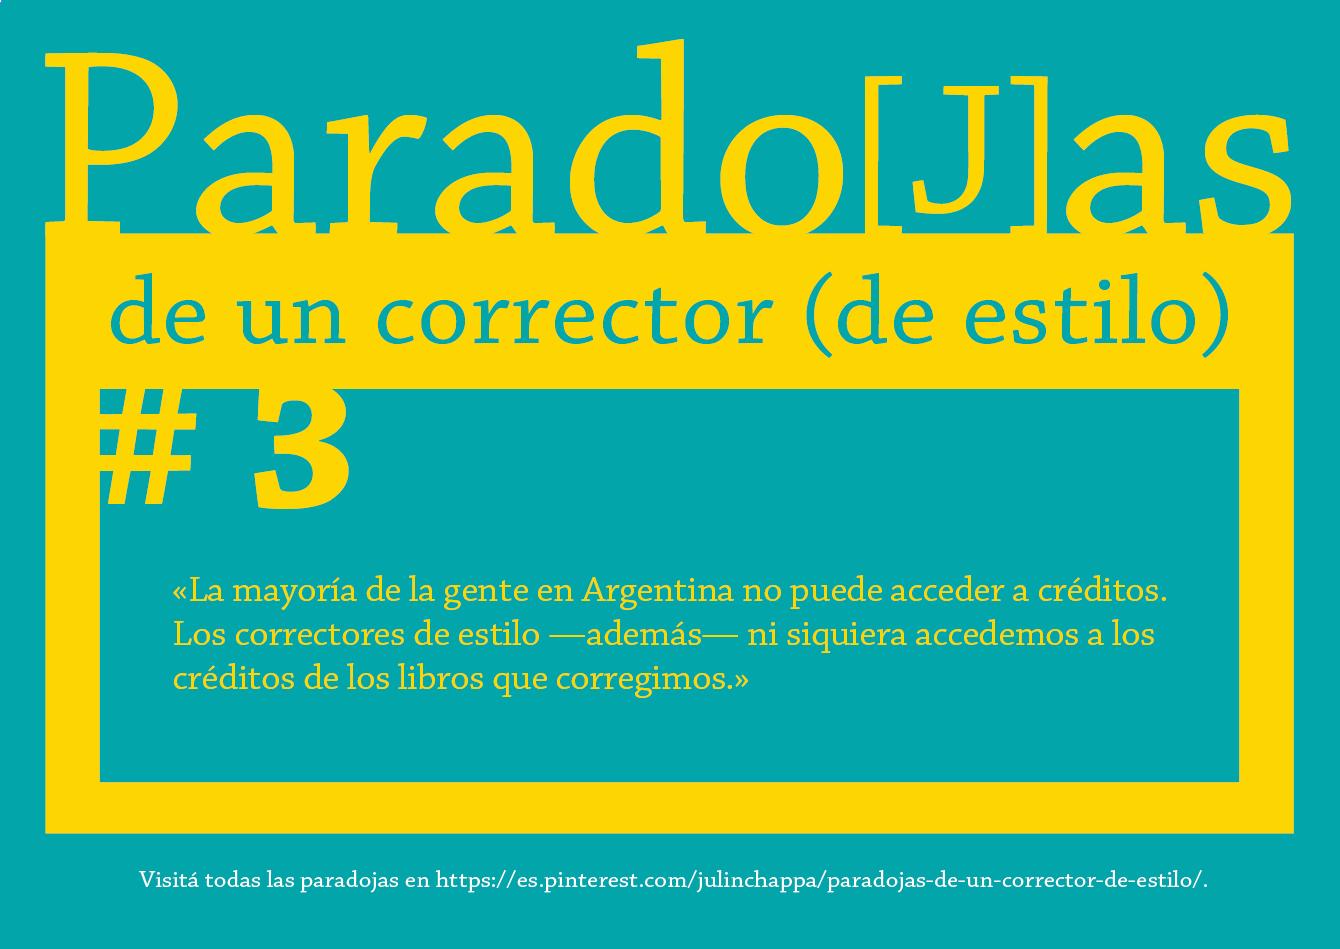 «La mayoría de la gente en Argentina no puede acceder a créditos. Los correctores de estilo —además— ni siquiera accedemos a los créditos de los libros que corregimos.»